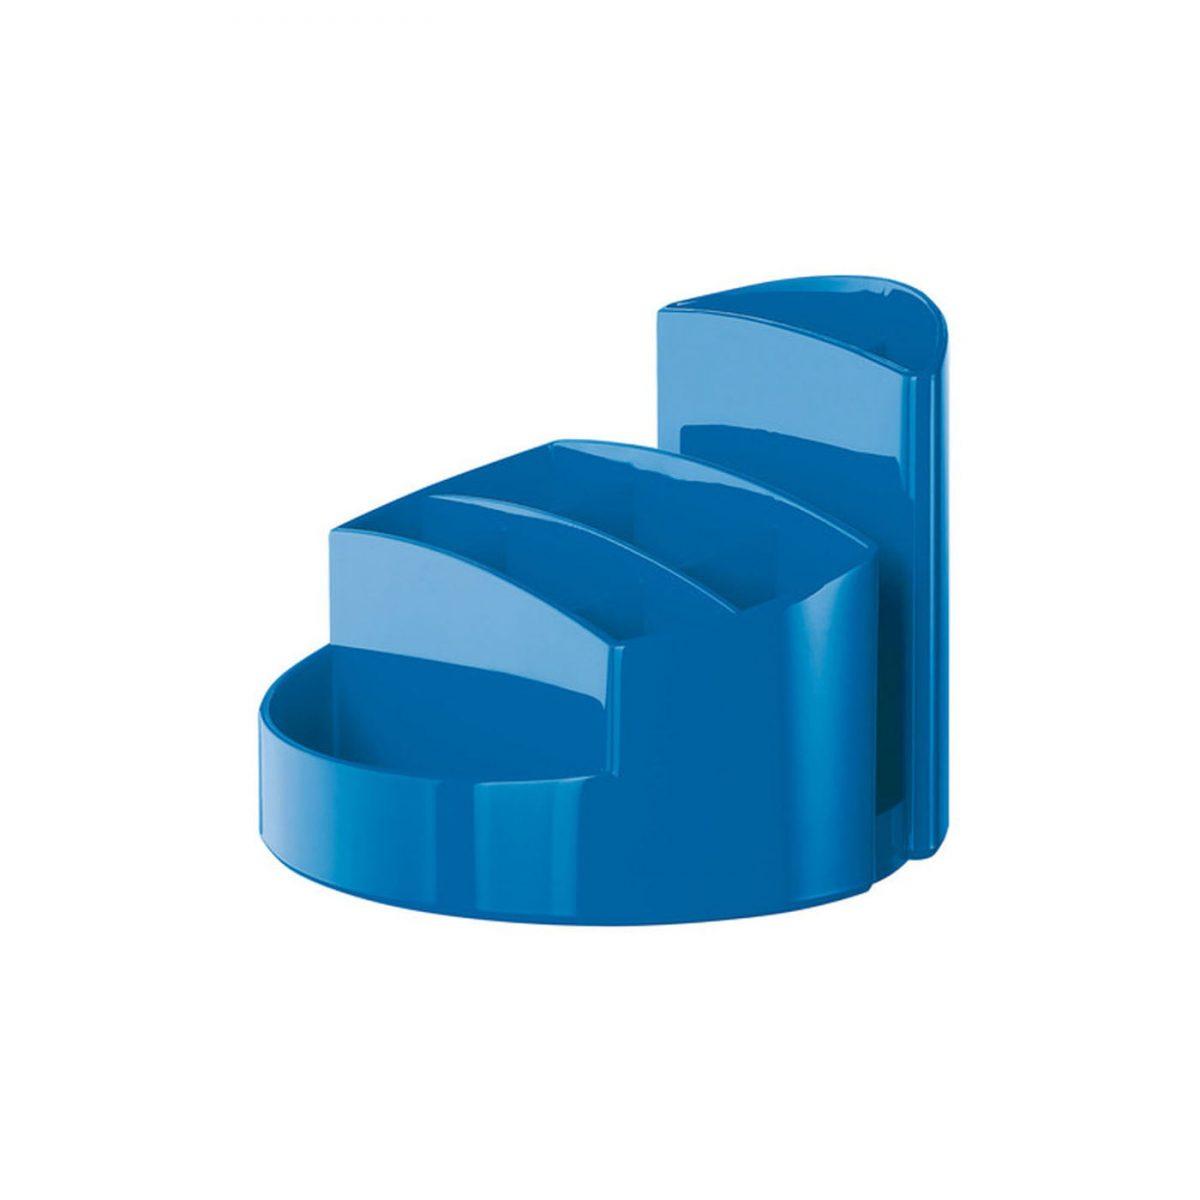 Suport pentru articole de birou, HAN Rondo - albastru metalizat